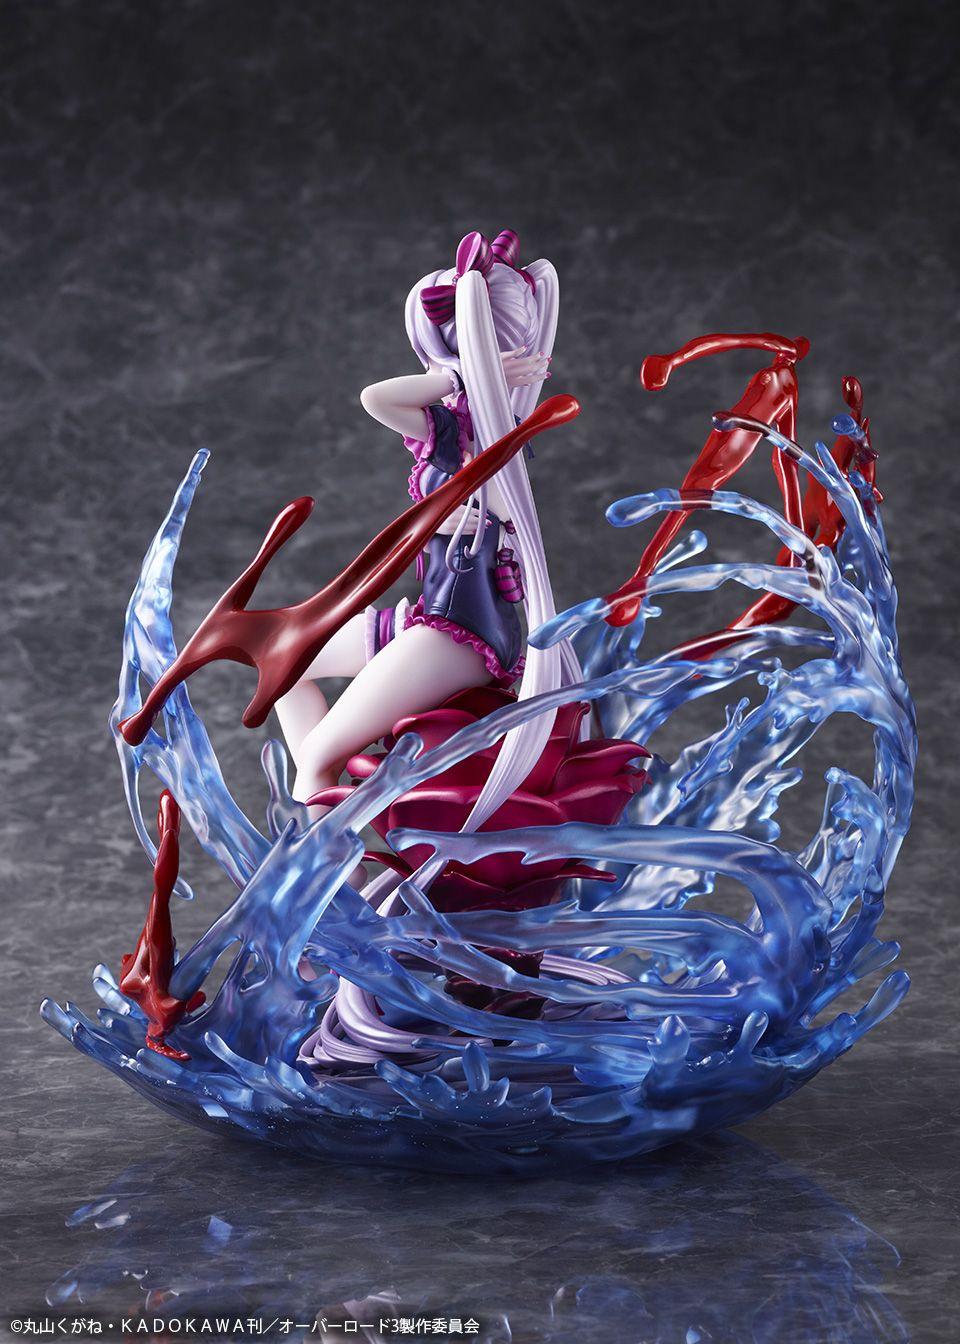 【限定販売】オーバーロード 『シャルティア -水着Ver-』1/7 完成品フィギュア-021